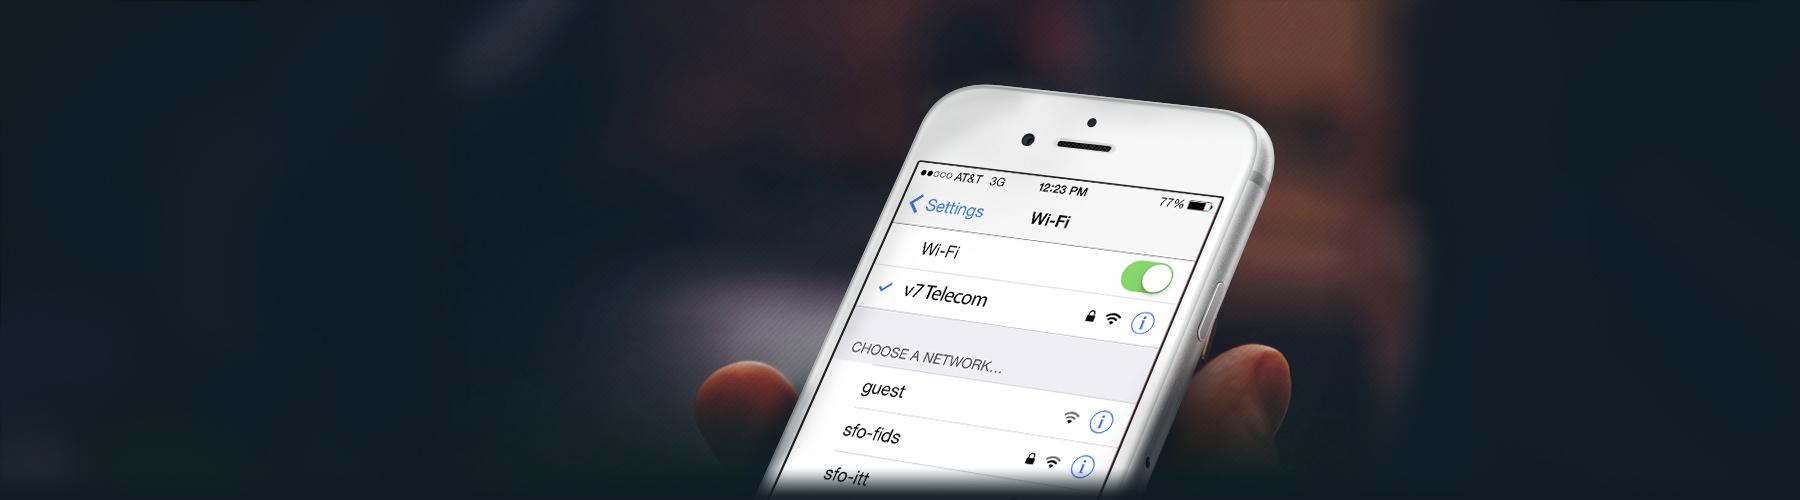 Conexões WiFi - V7 Telecom